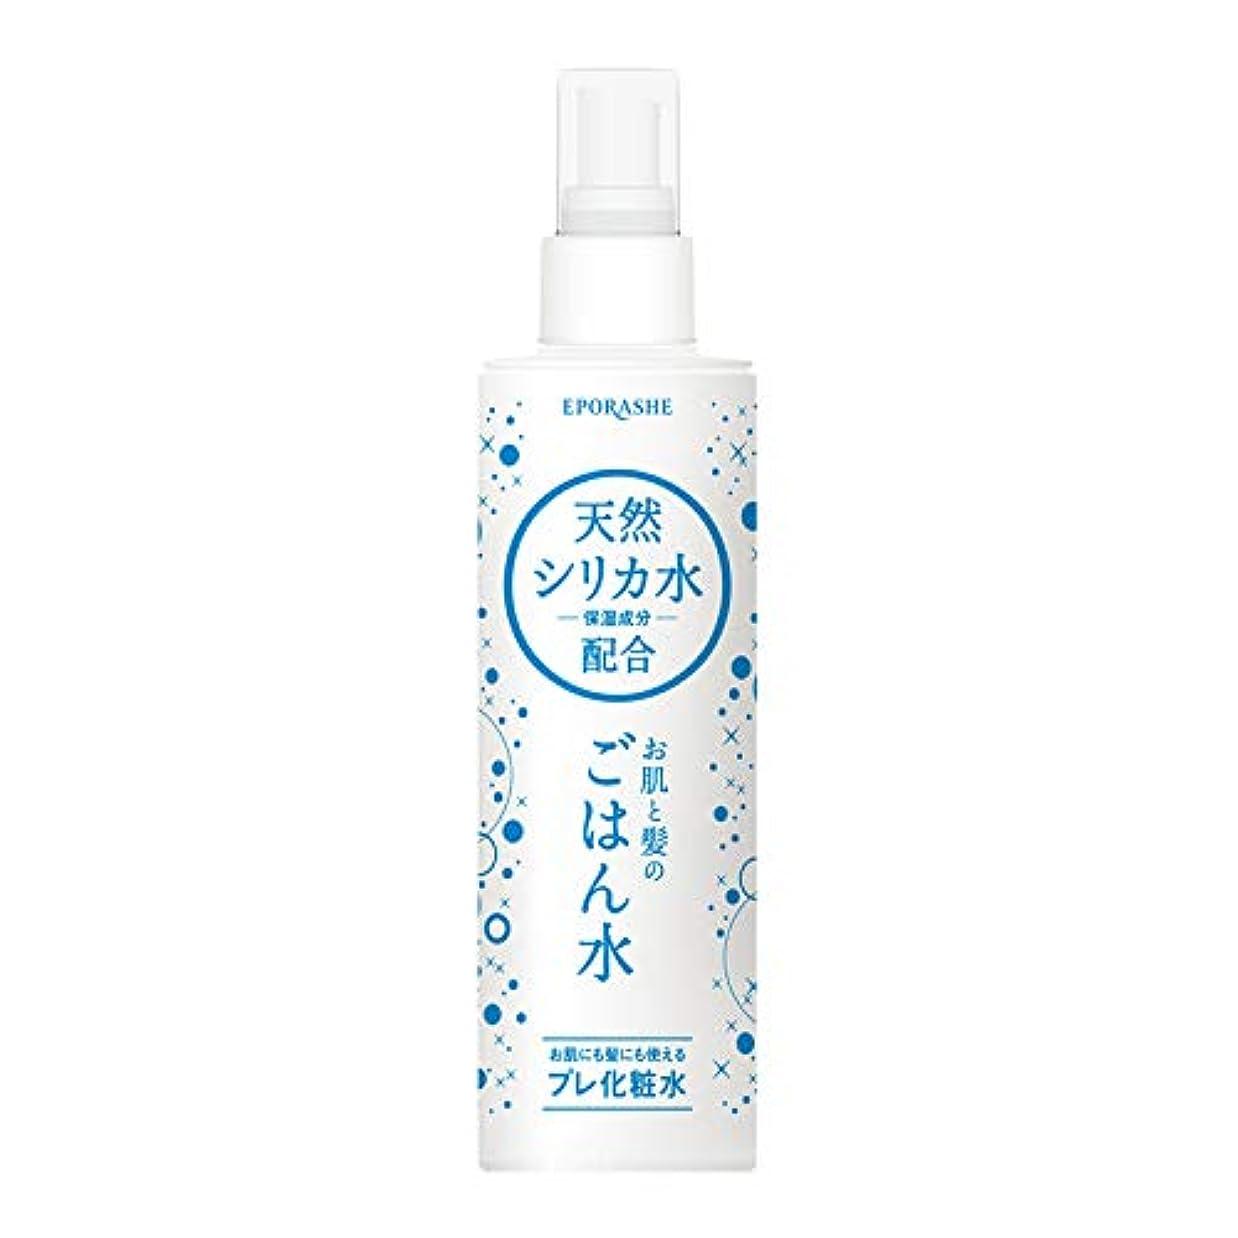 ボイコット麻酔薬十一EPORASHE お肌と髪のごはん水 ケイ素(天然シリカ)のプレ化粧水